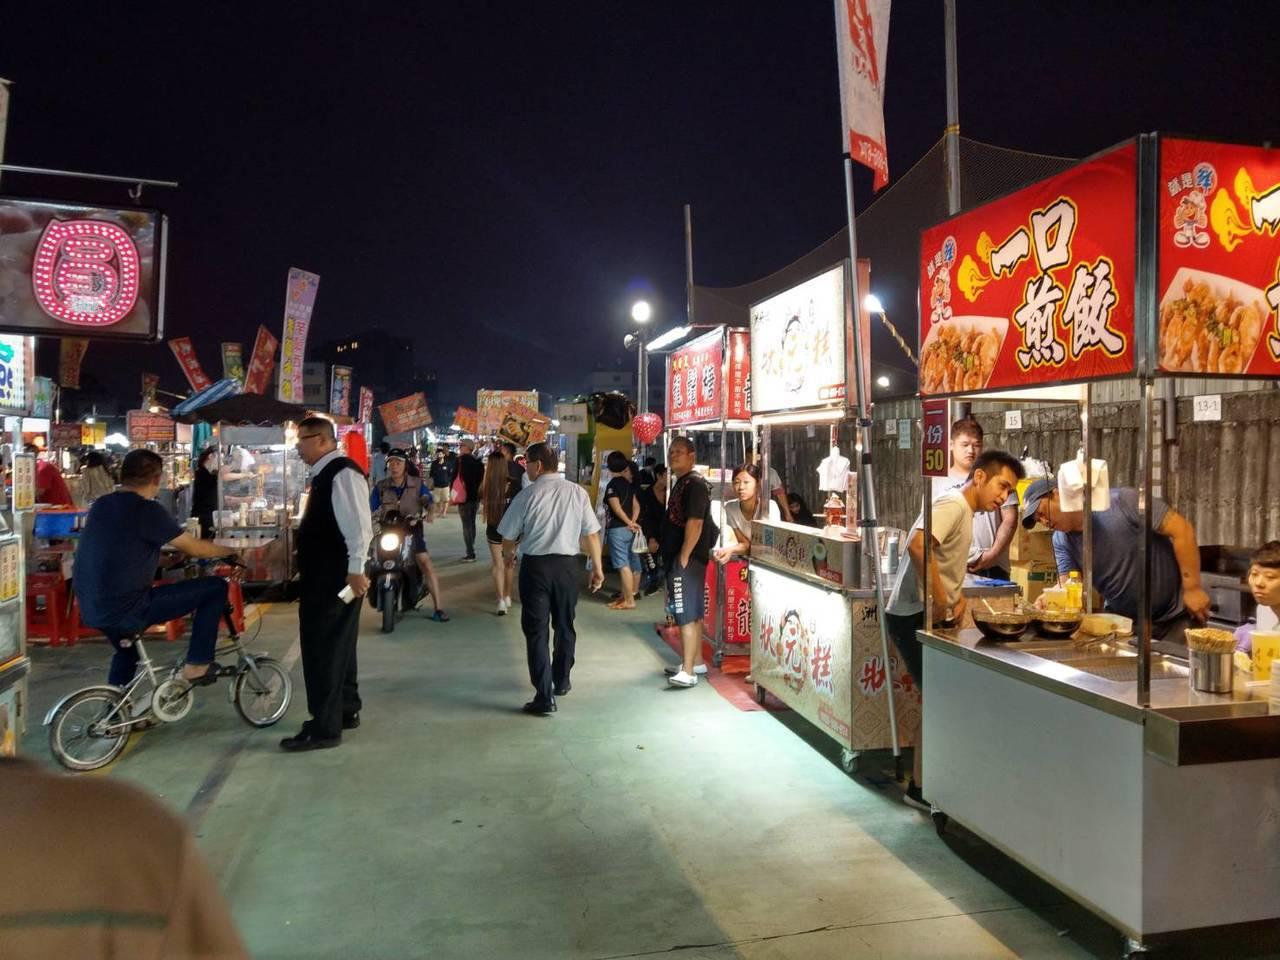 原在高雄市勞工公園後方的一德勞工夜市攤商今晚首度移到青年夜市營業,許多人都還不知...